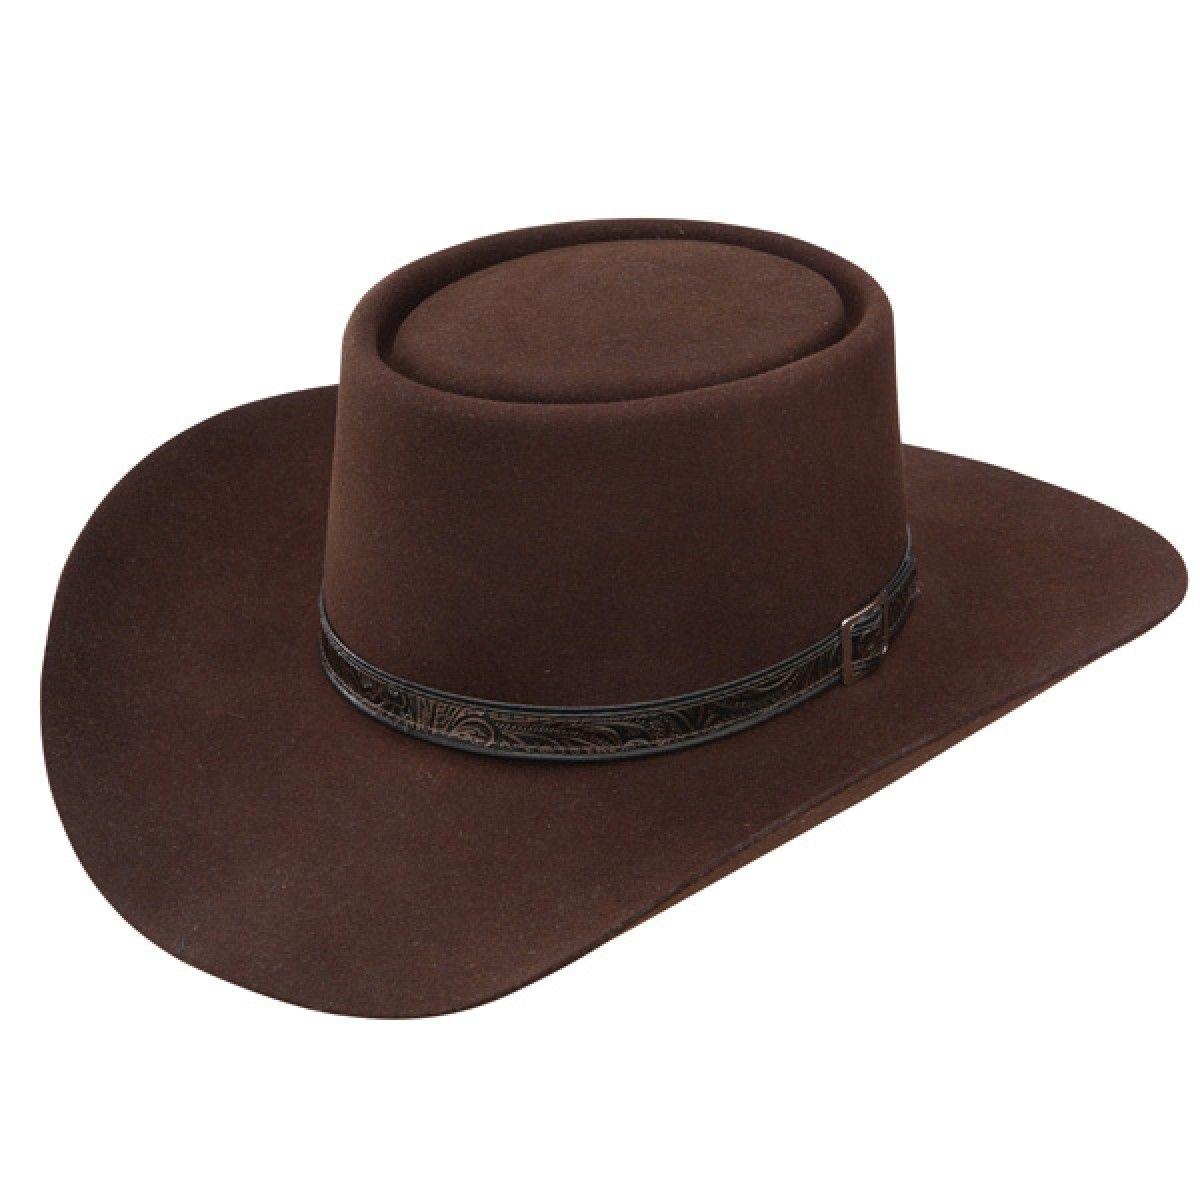 Stetson Bozeman Wool Felt Crushable Cowboy Hat Images